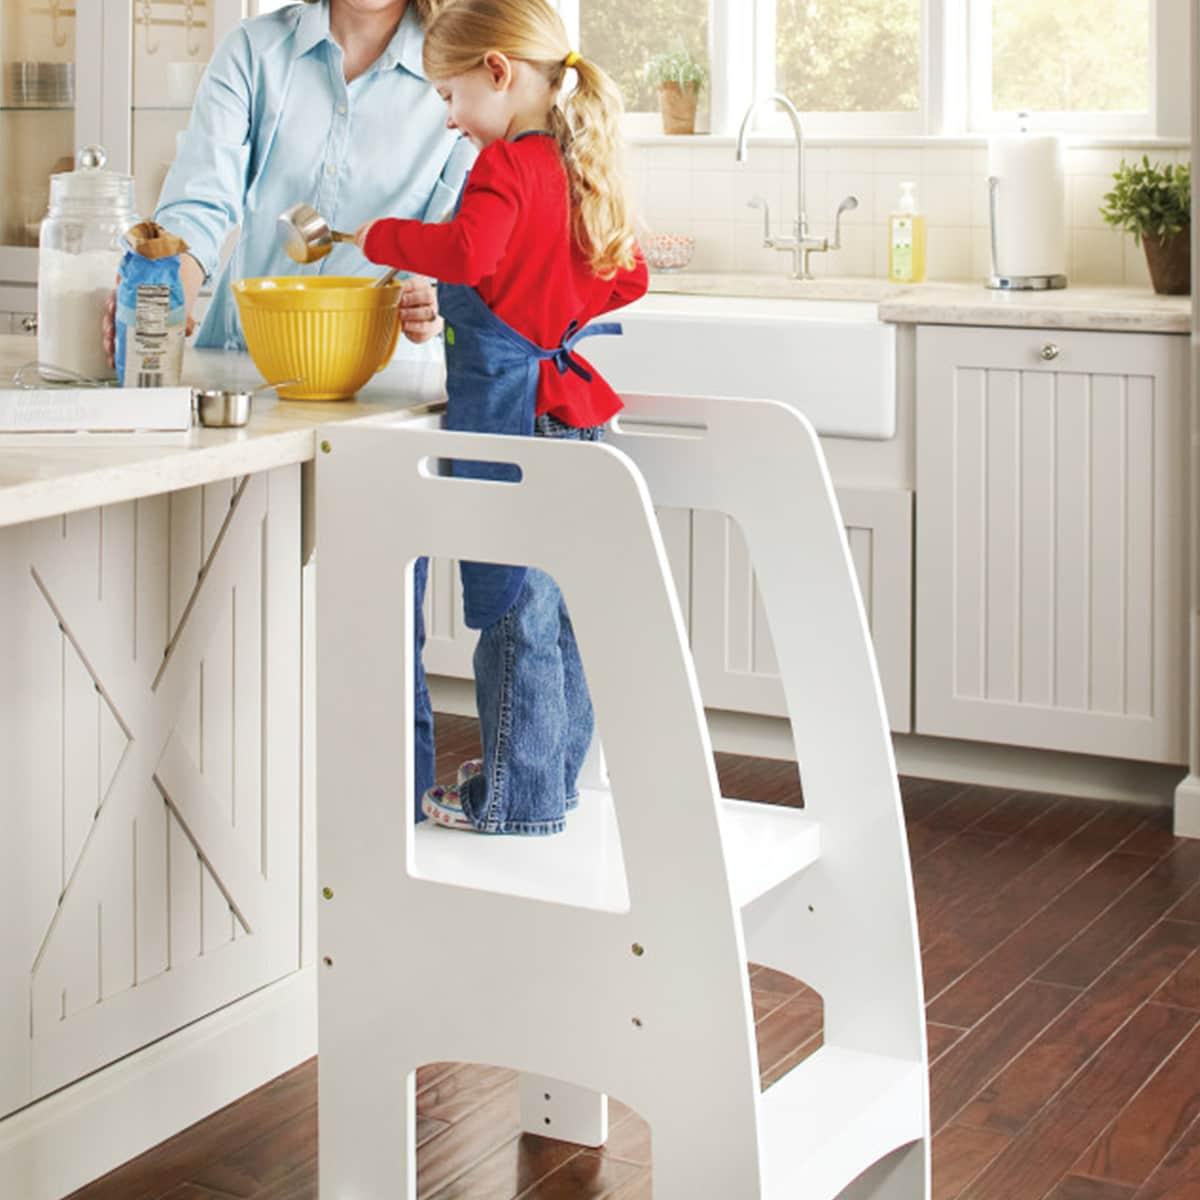 Step-Up Kitchen Helper